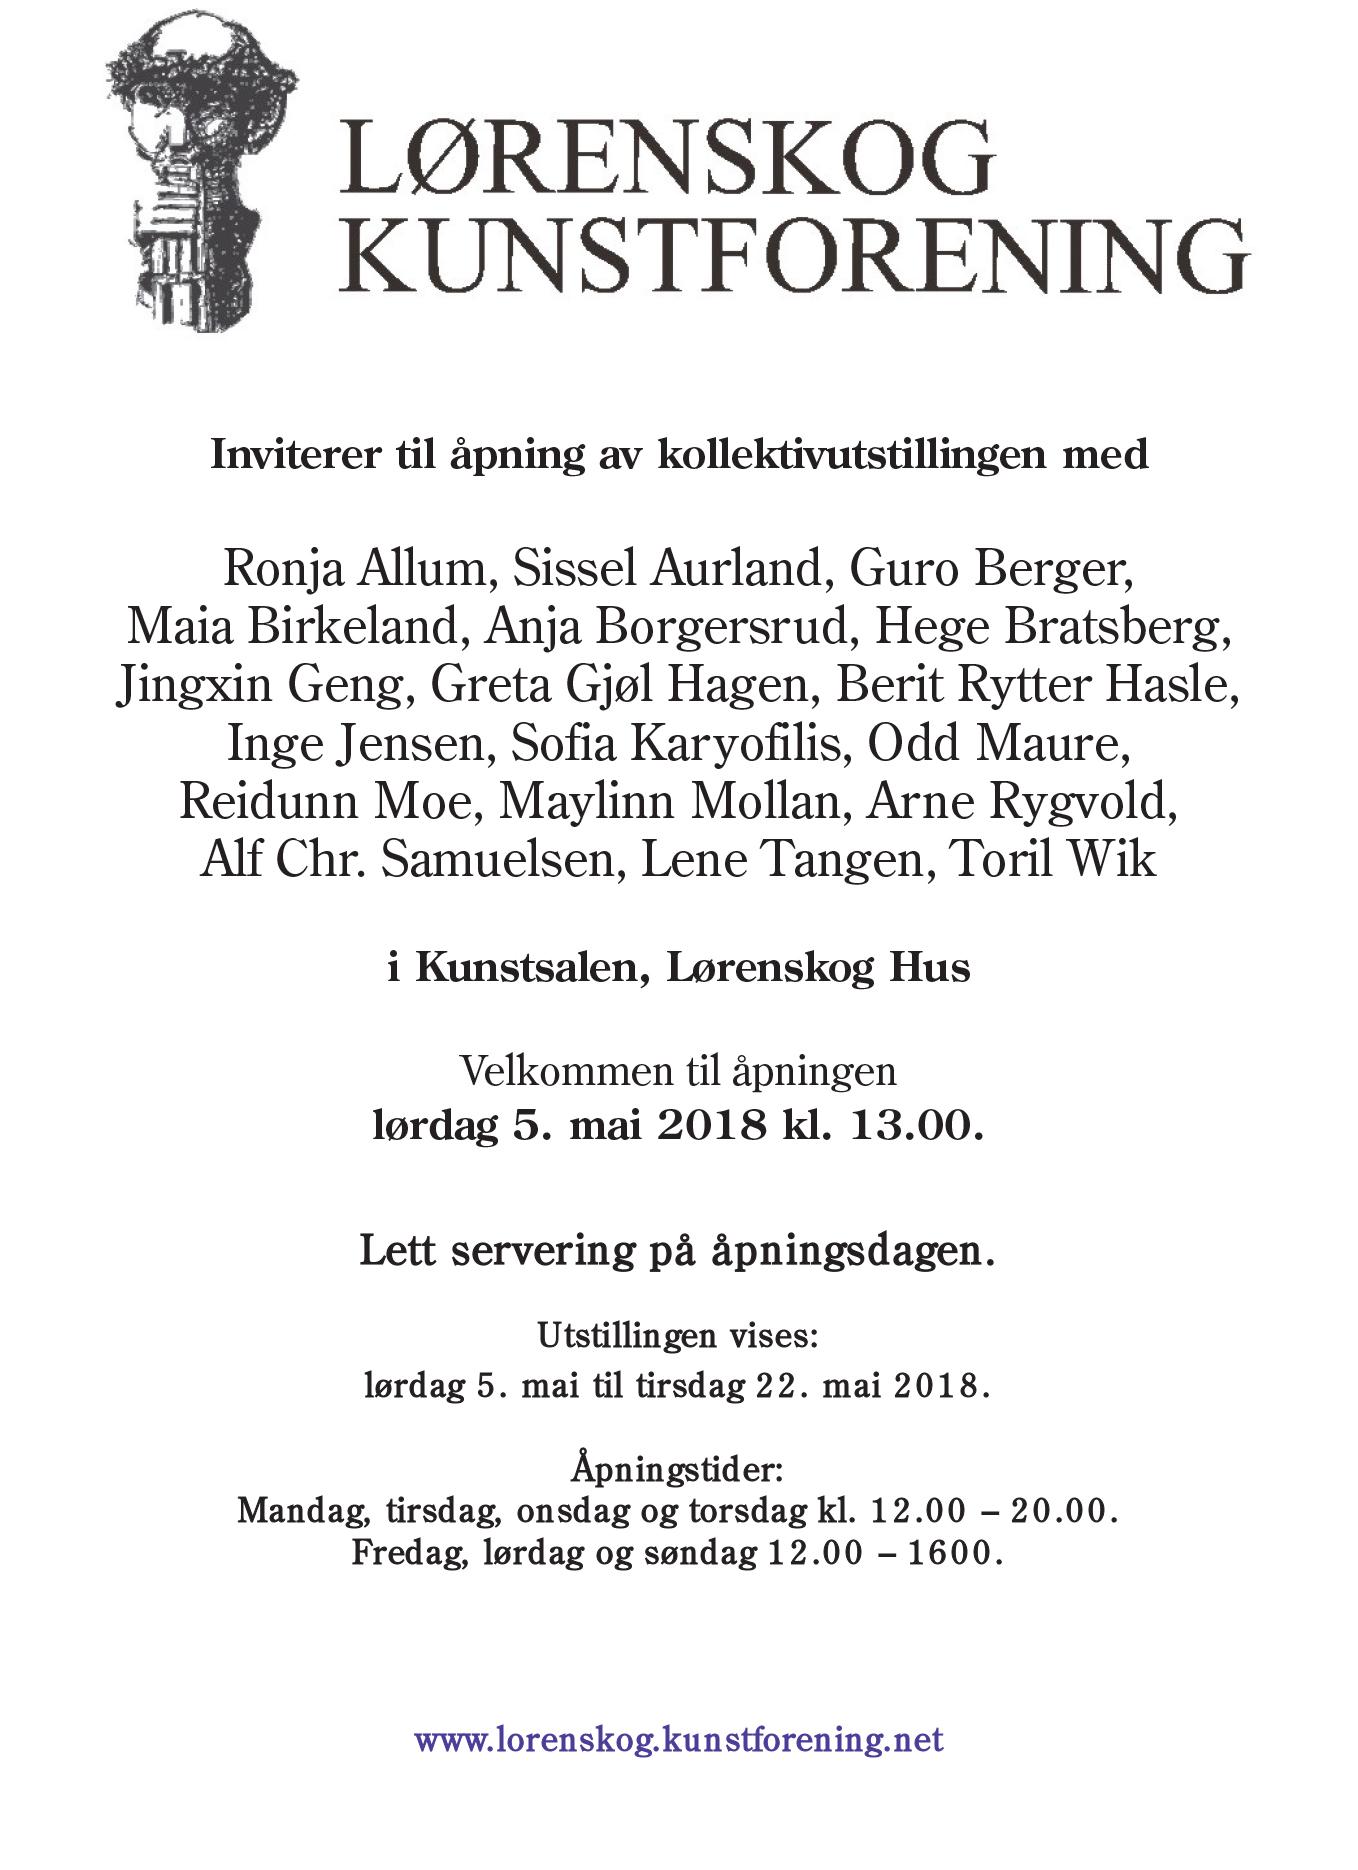 Invitasjon Kunstskansen-2.jpg